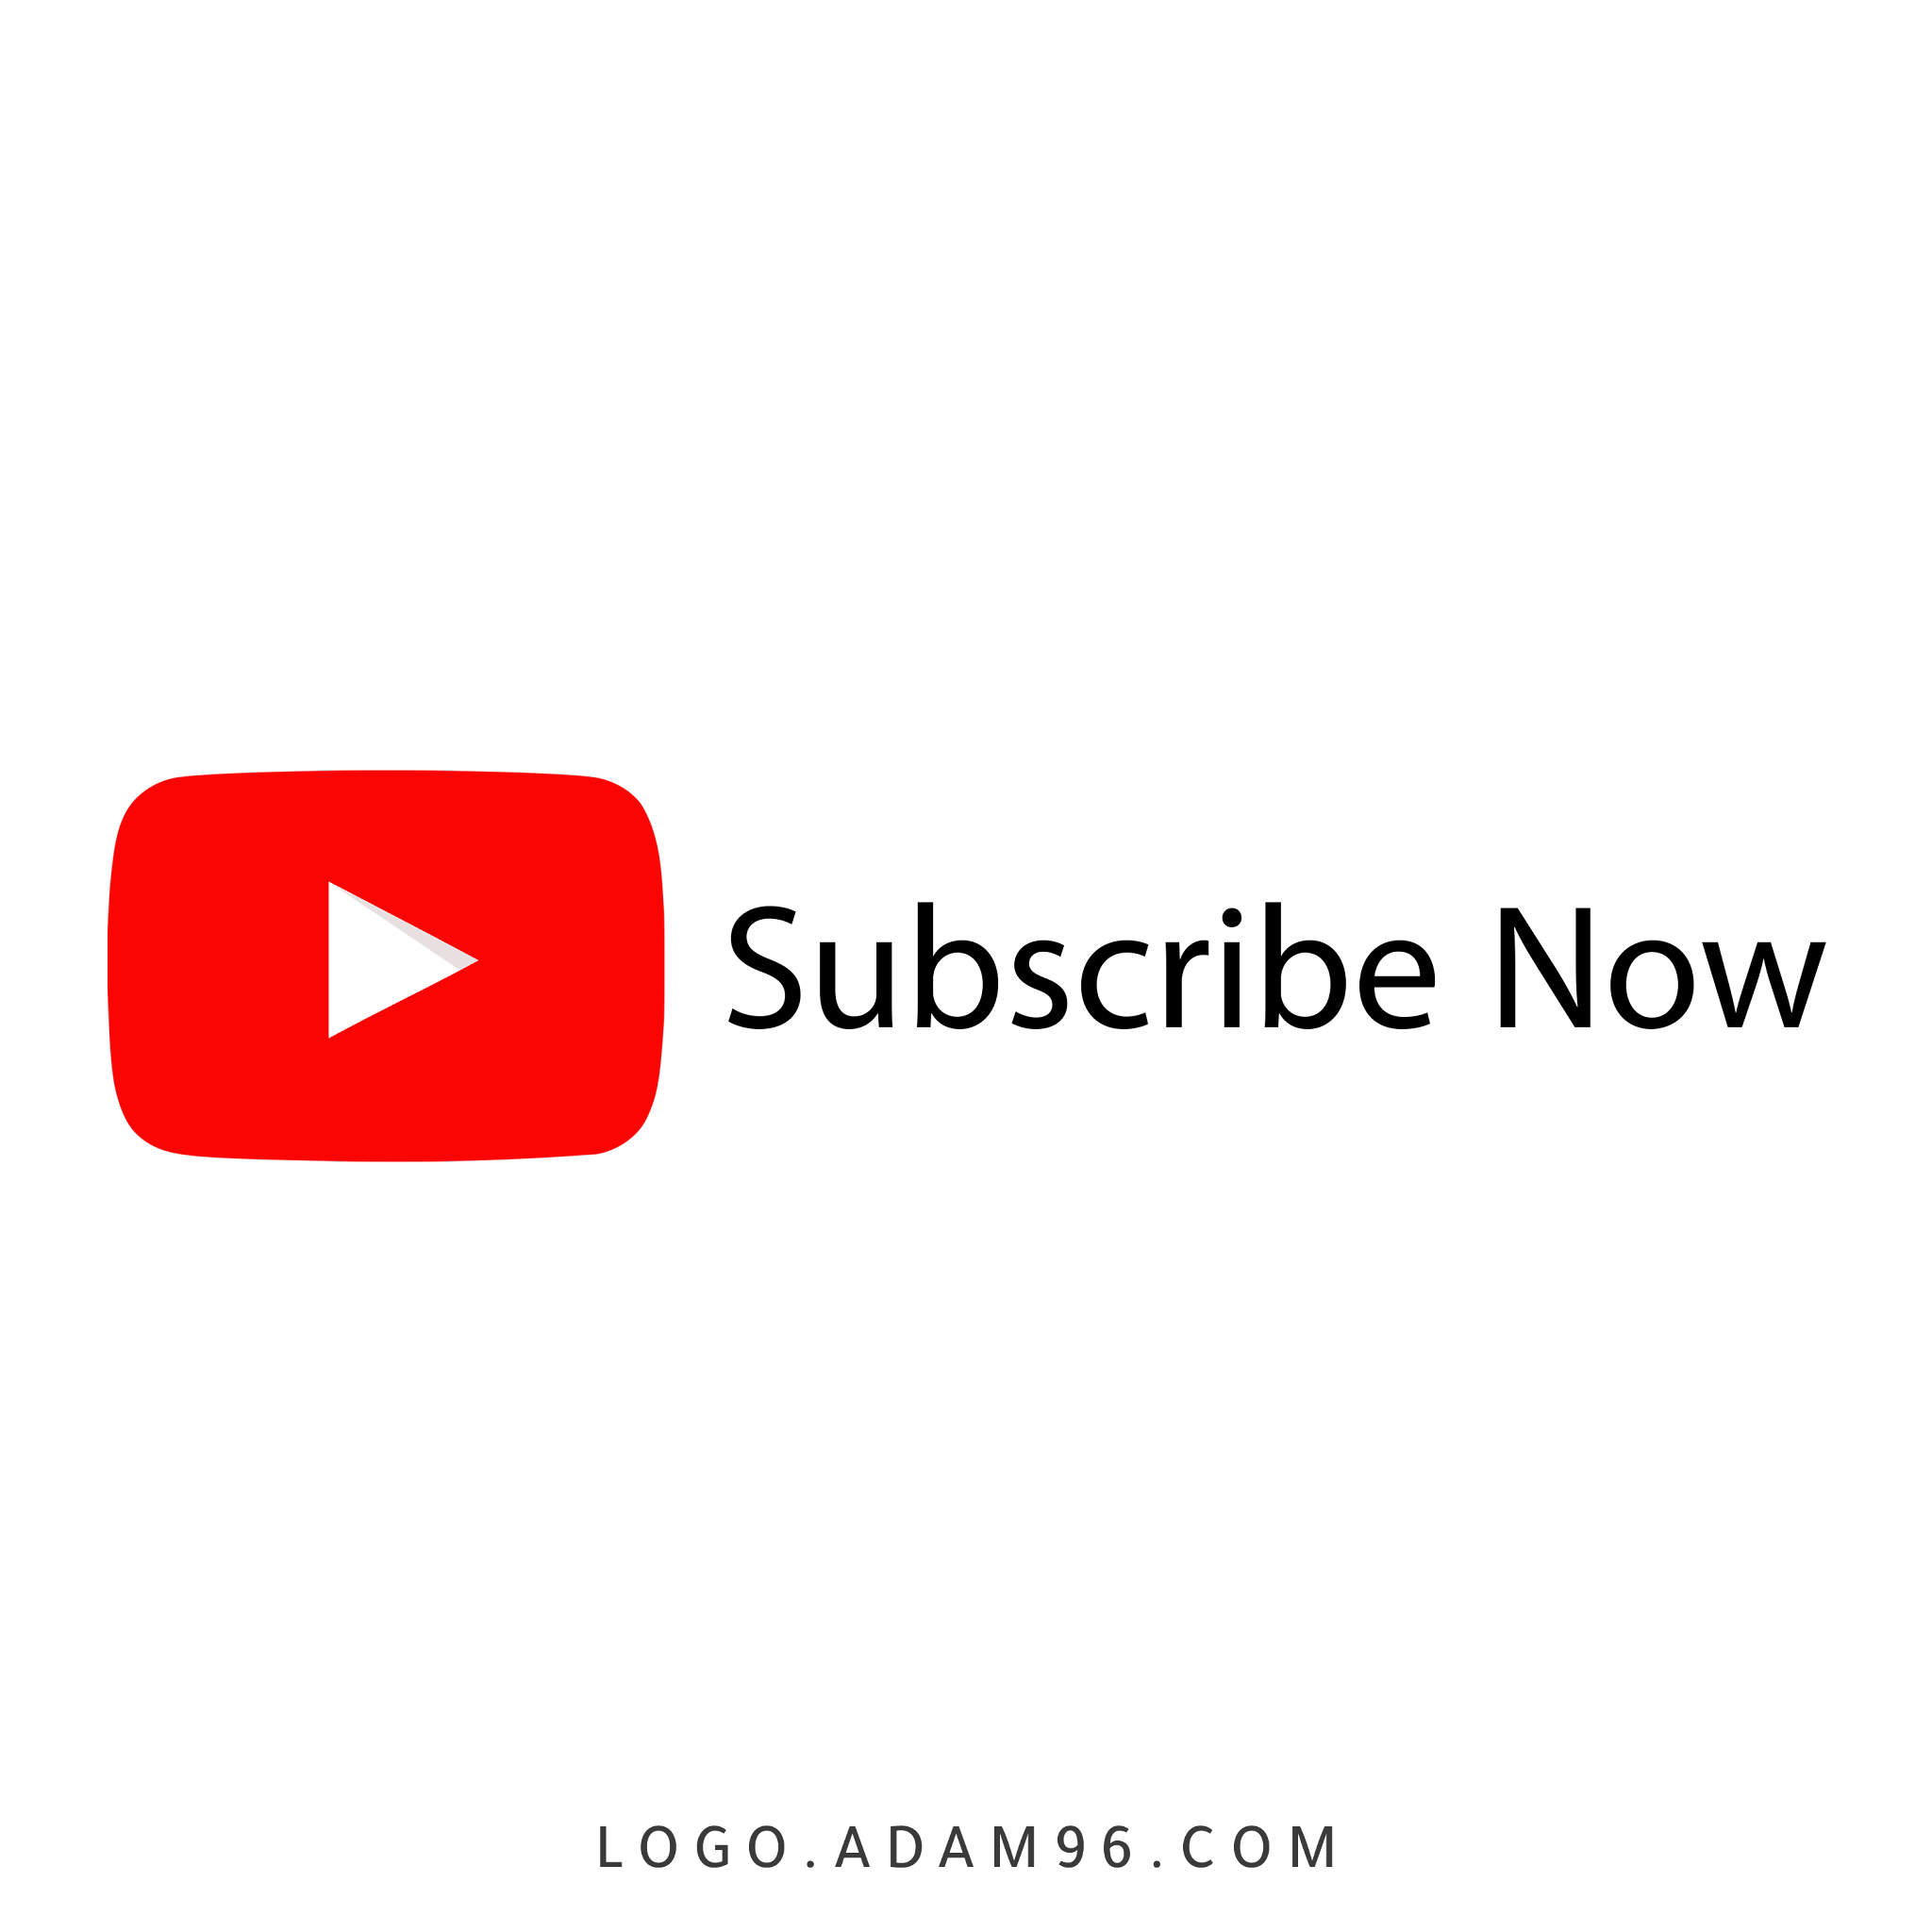 تحميل ايقونة يوتيوب اشترك الان | Logo Youtube Subscribe Now